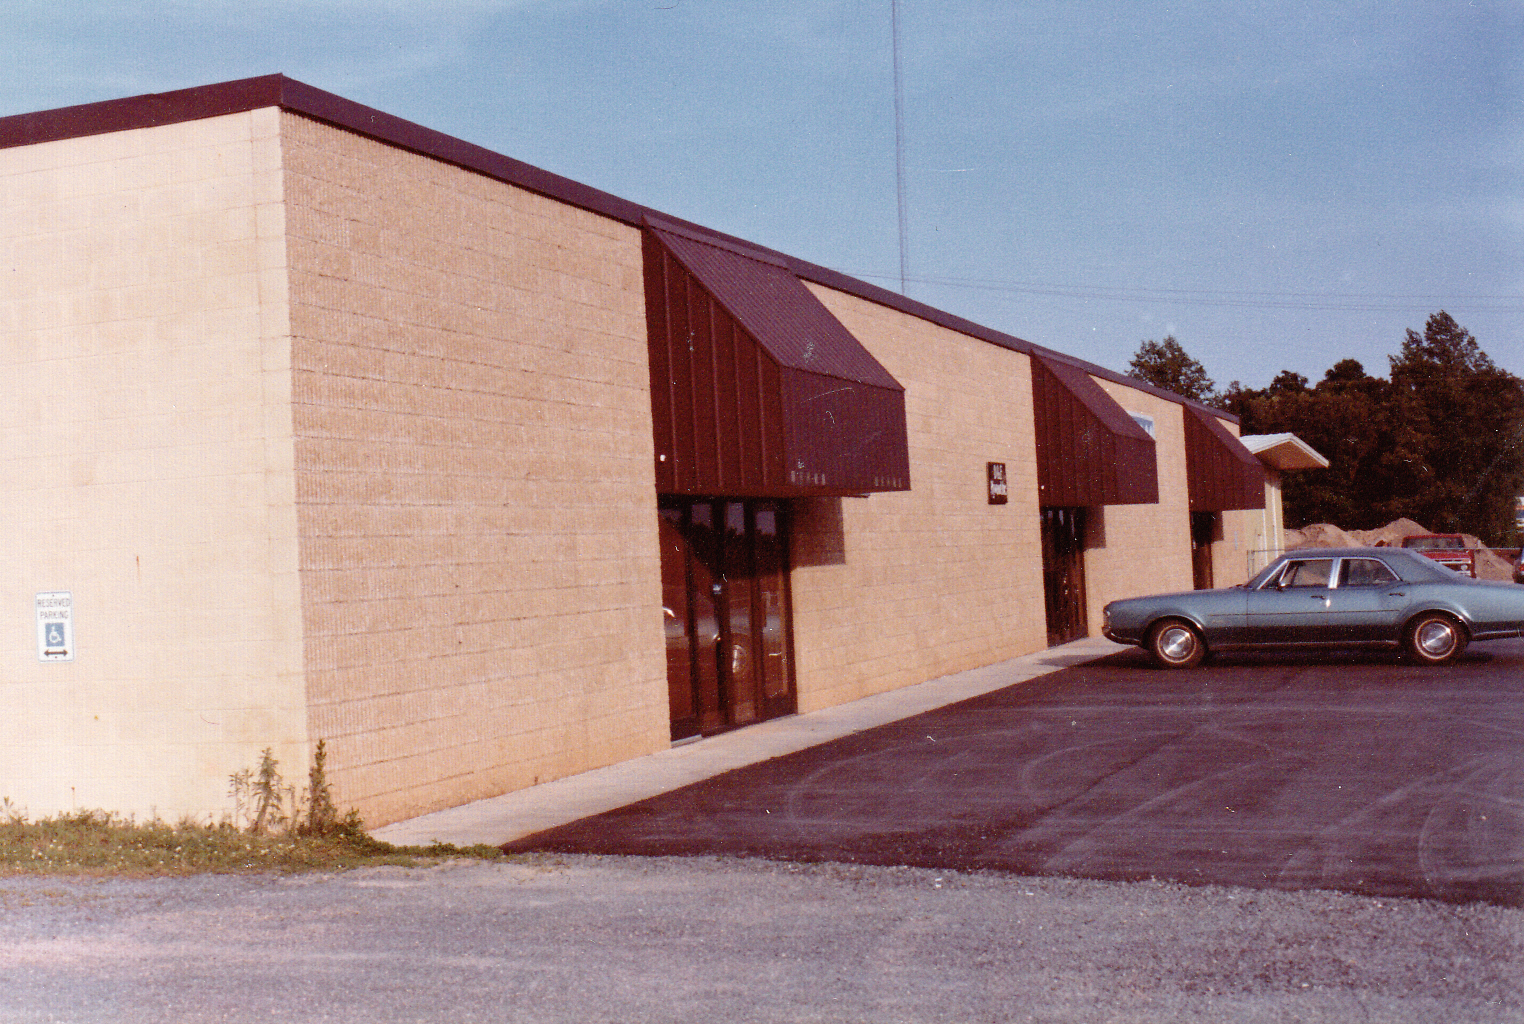 First meeting place: Matthews, NC  1980